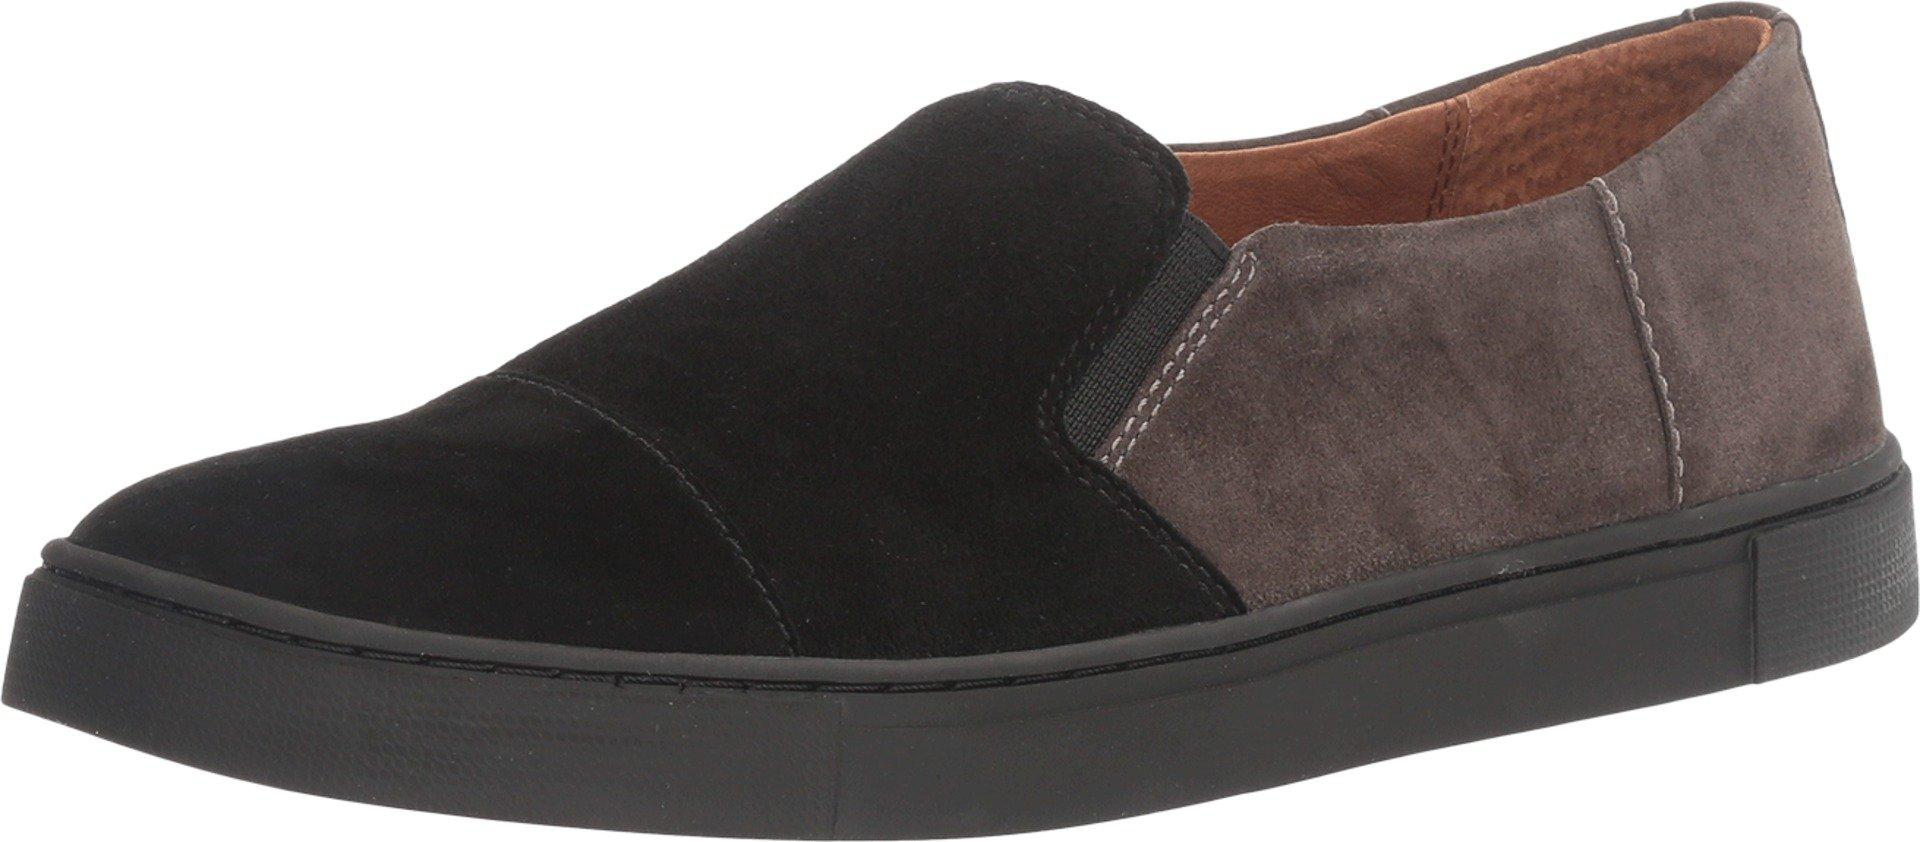 FRYE Women's Gemma Cap Slip Black Multi Suede/Dark Outsole Shoe